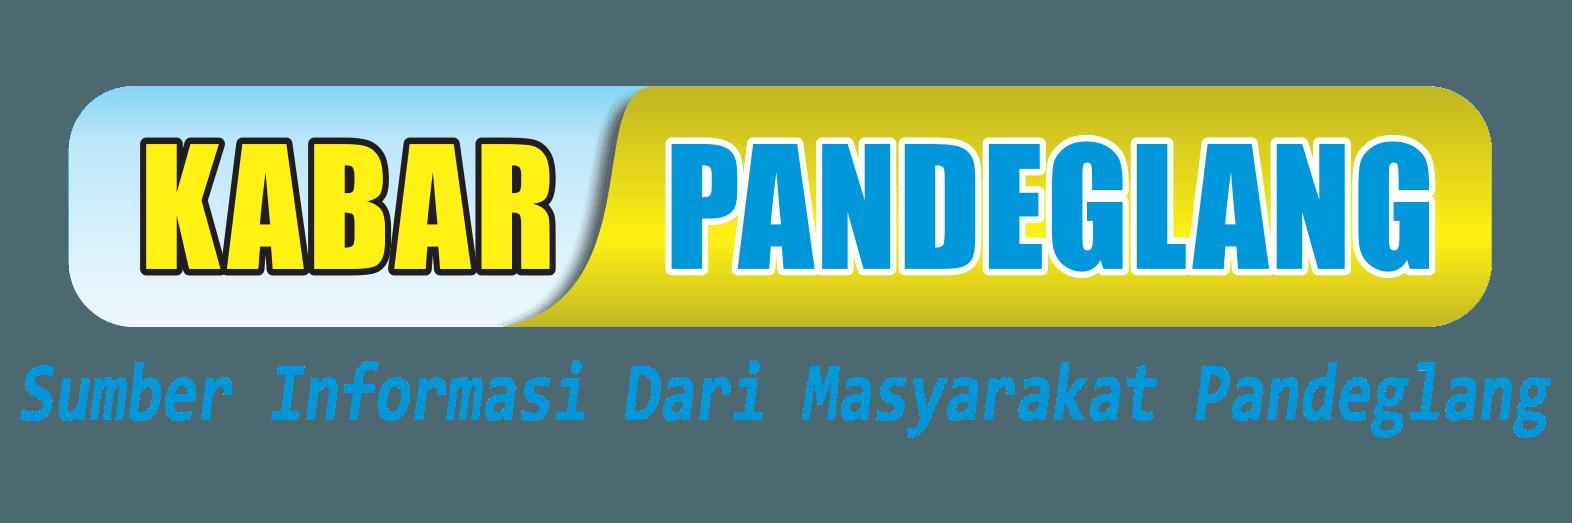 Header Banner 310x100 with Tagline